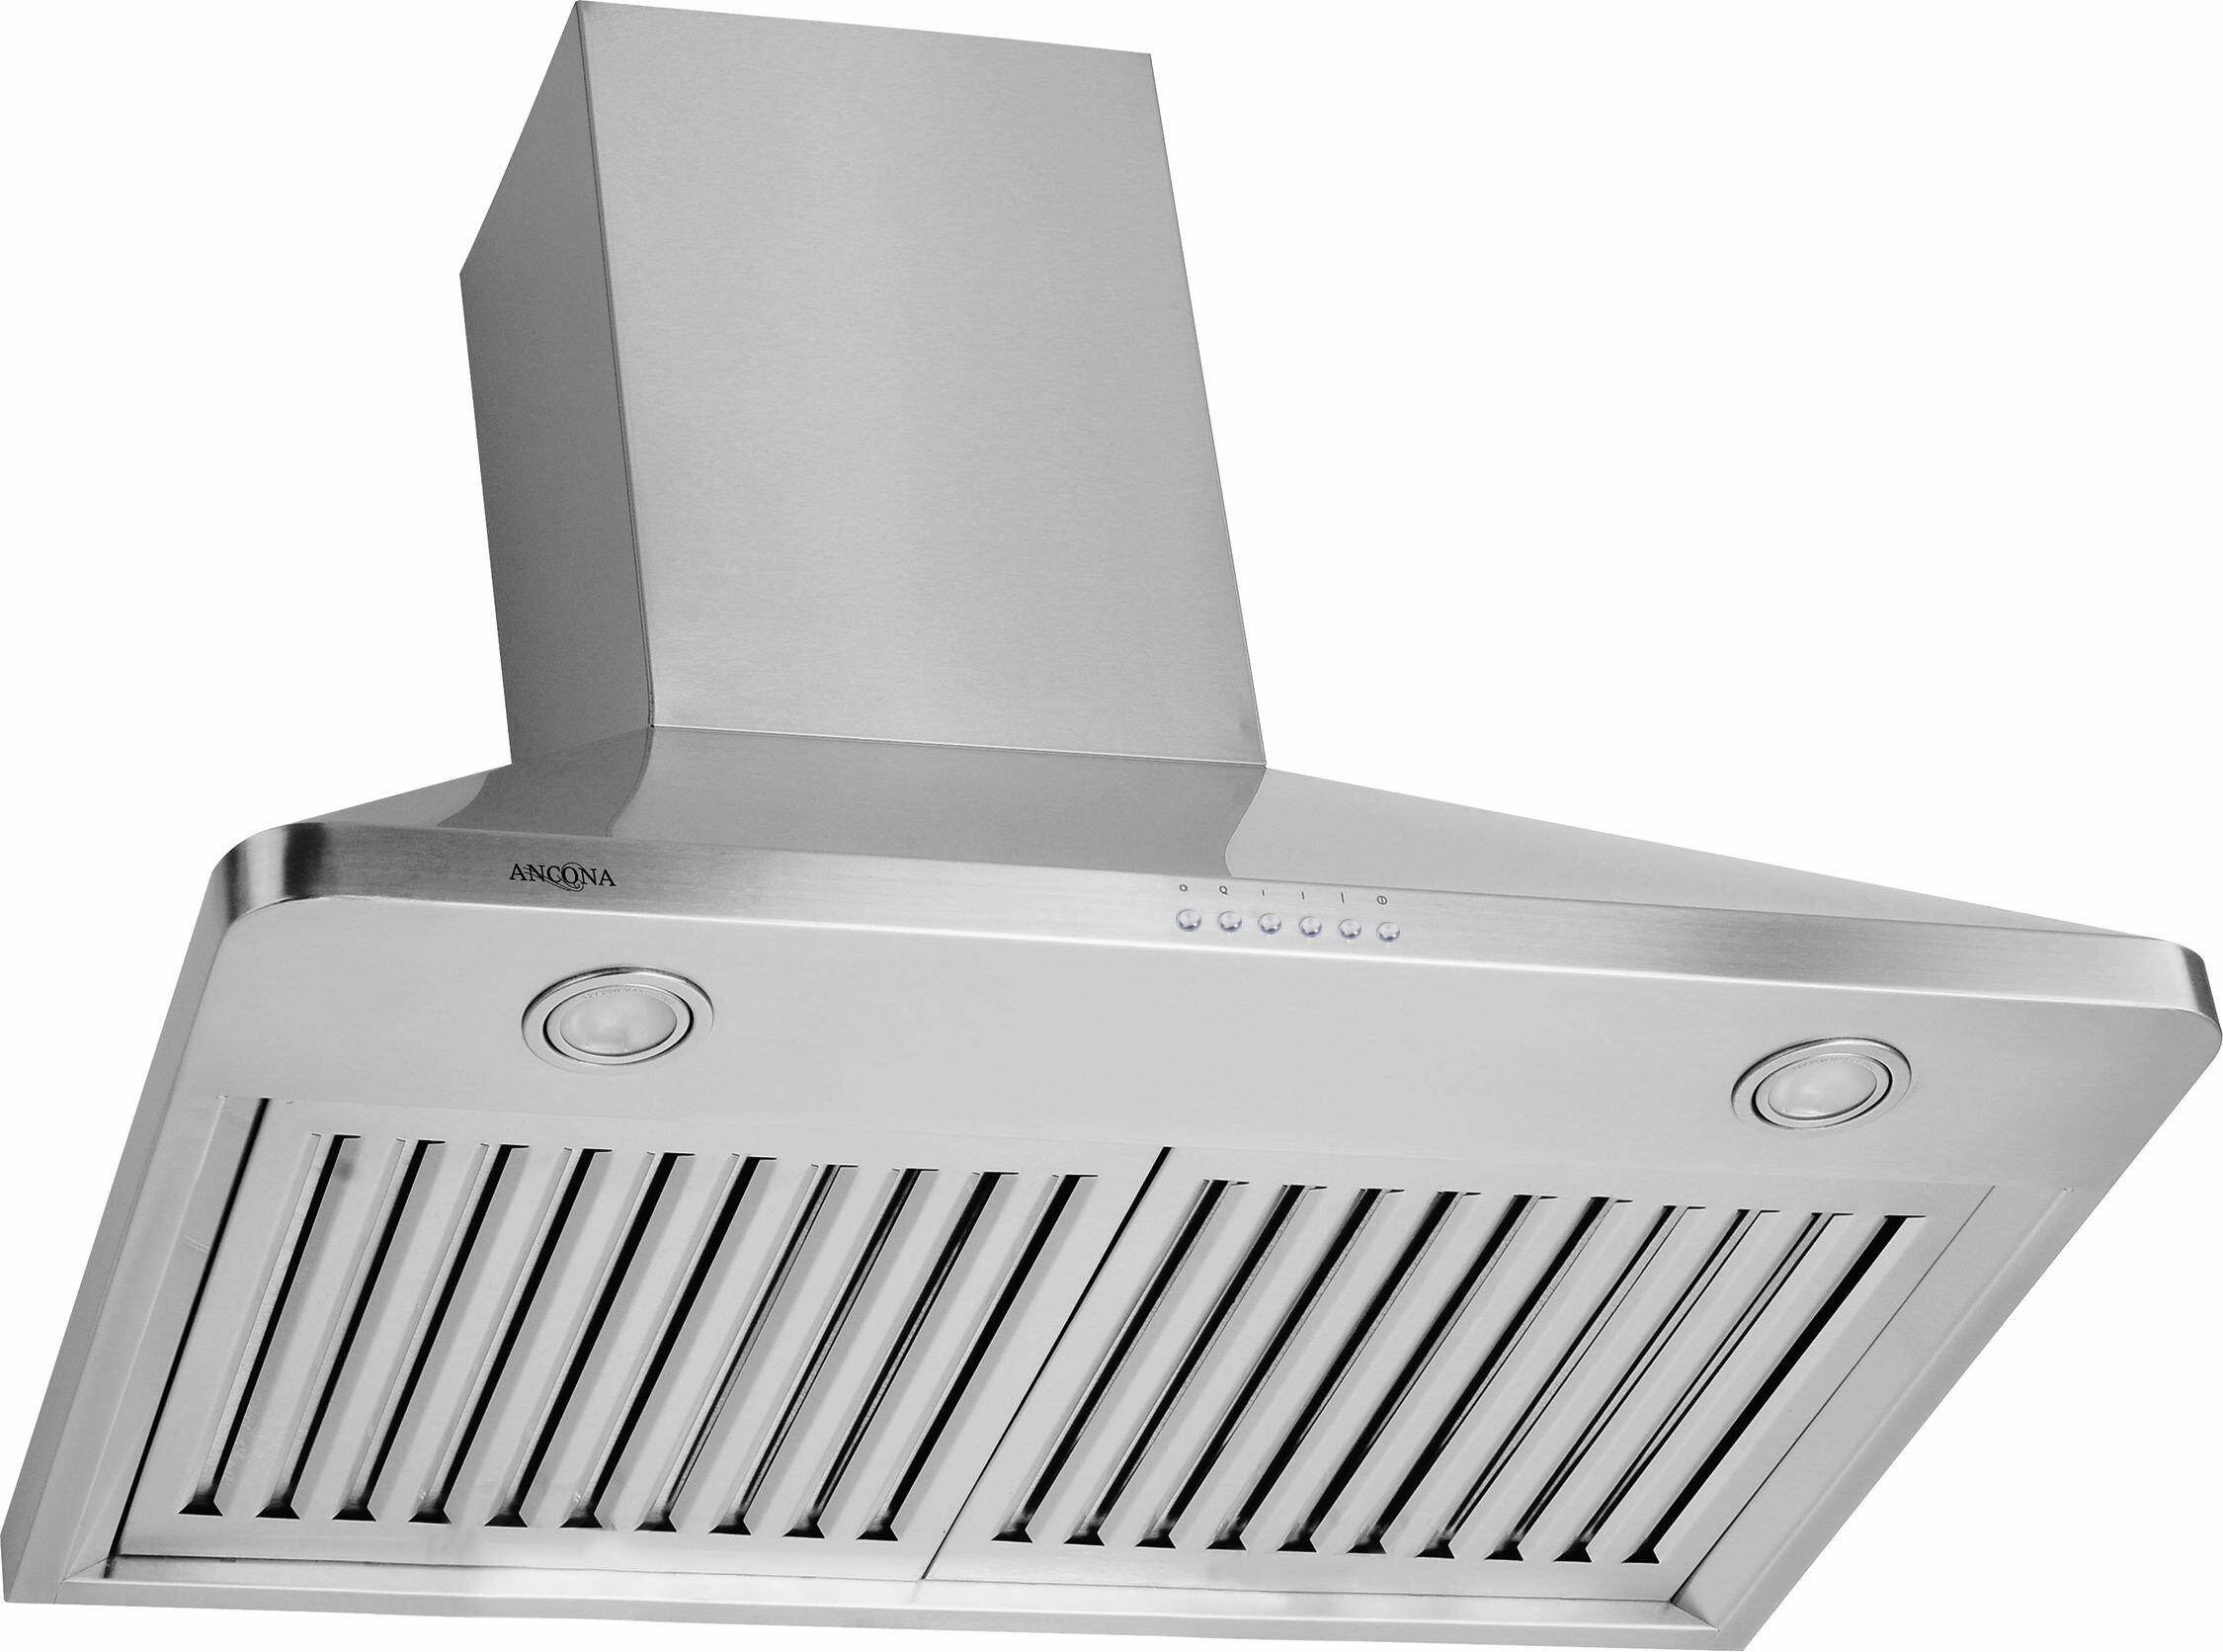 ancona 30 rapido chef 900 cfm ducted wall mount range hood wayfair